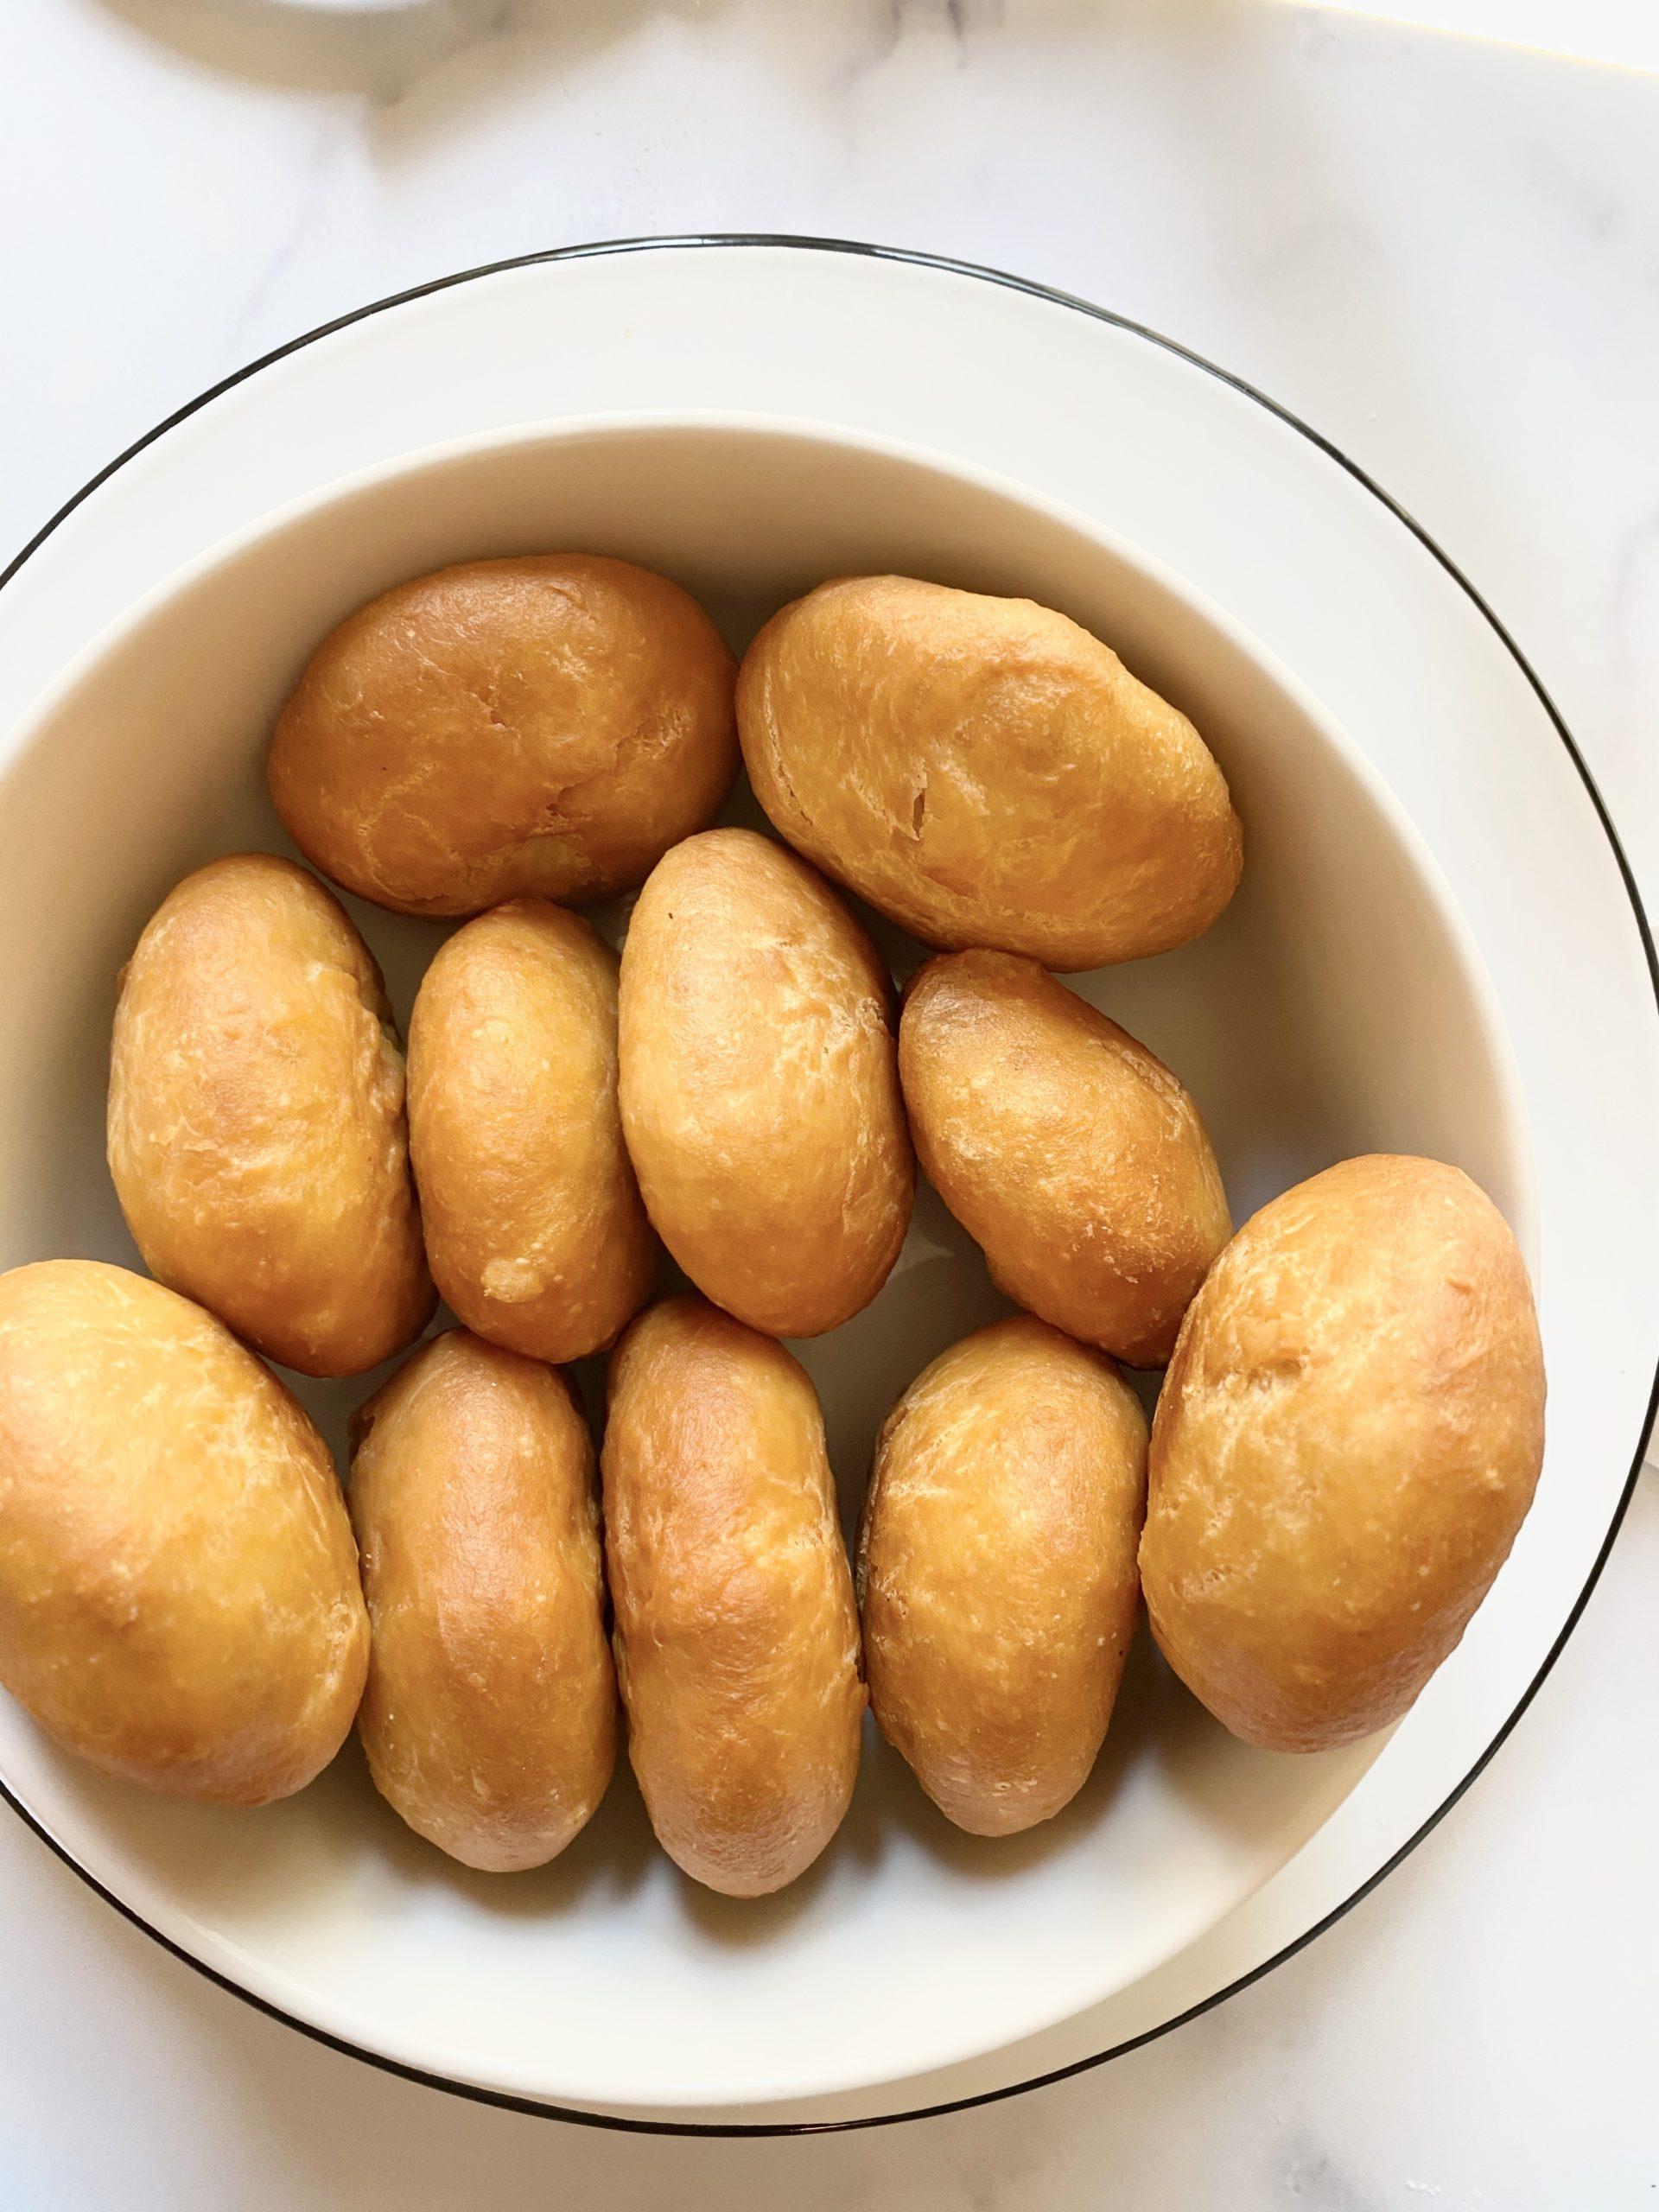 Golden Dominican bakes